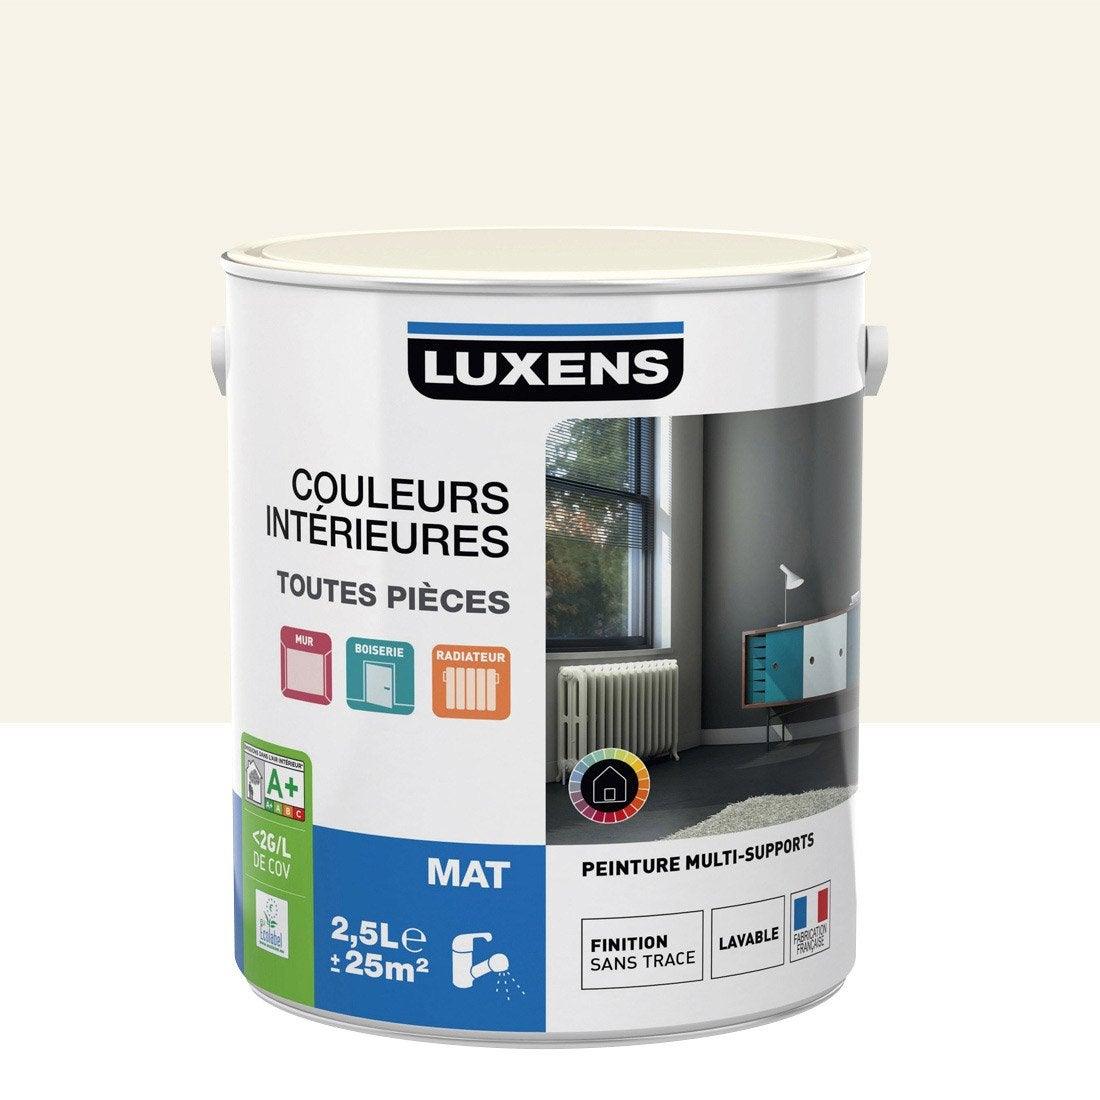 Peinture blanc lin 5 luxens couleurs int rieures mat 2 5 l leroy merlin - Leroy merlin peinture couleur ...